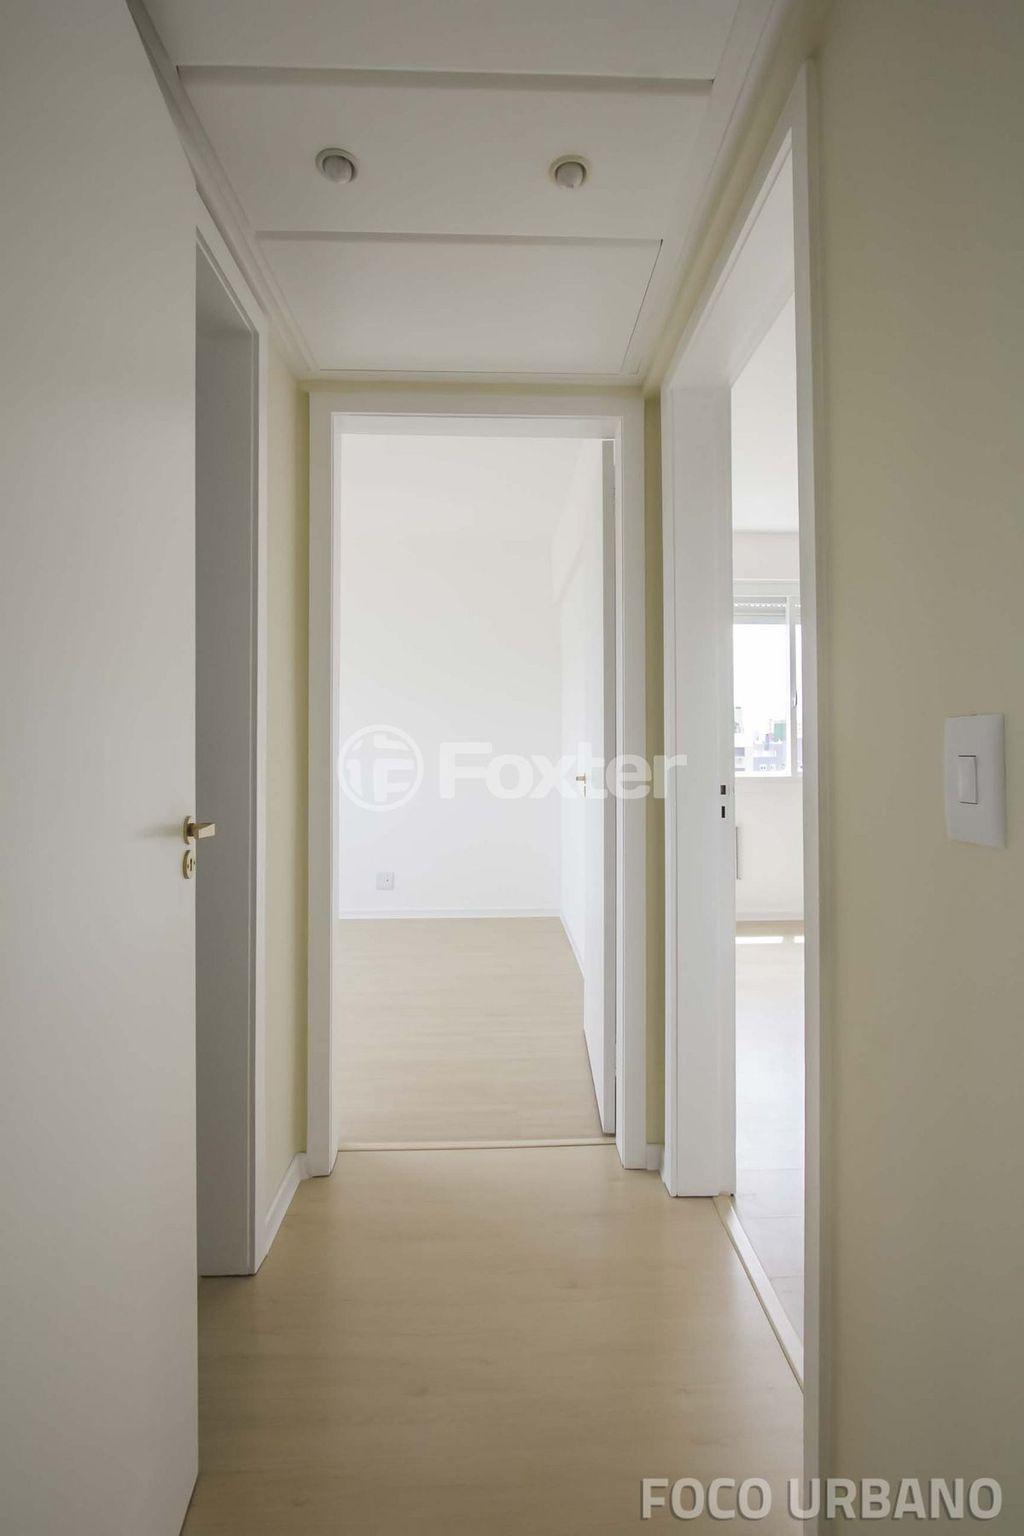 Foxter Imobiliária - Cobertura 2 Dorm (132146) - Foto 5